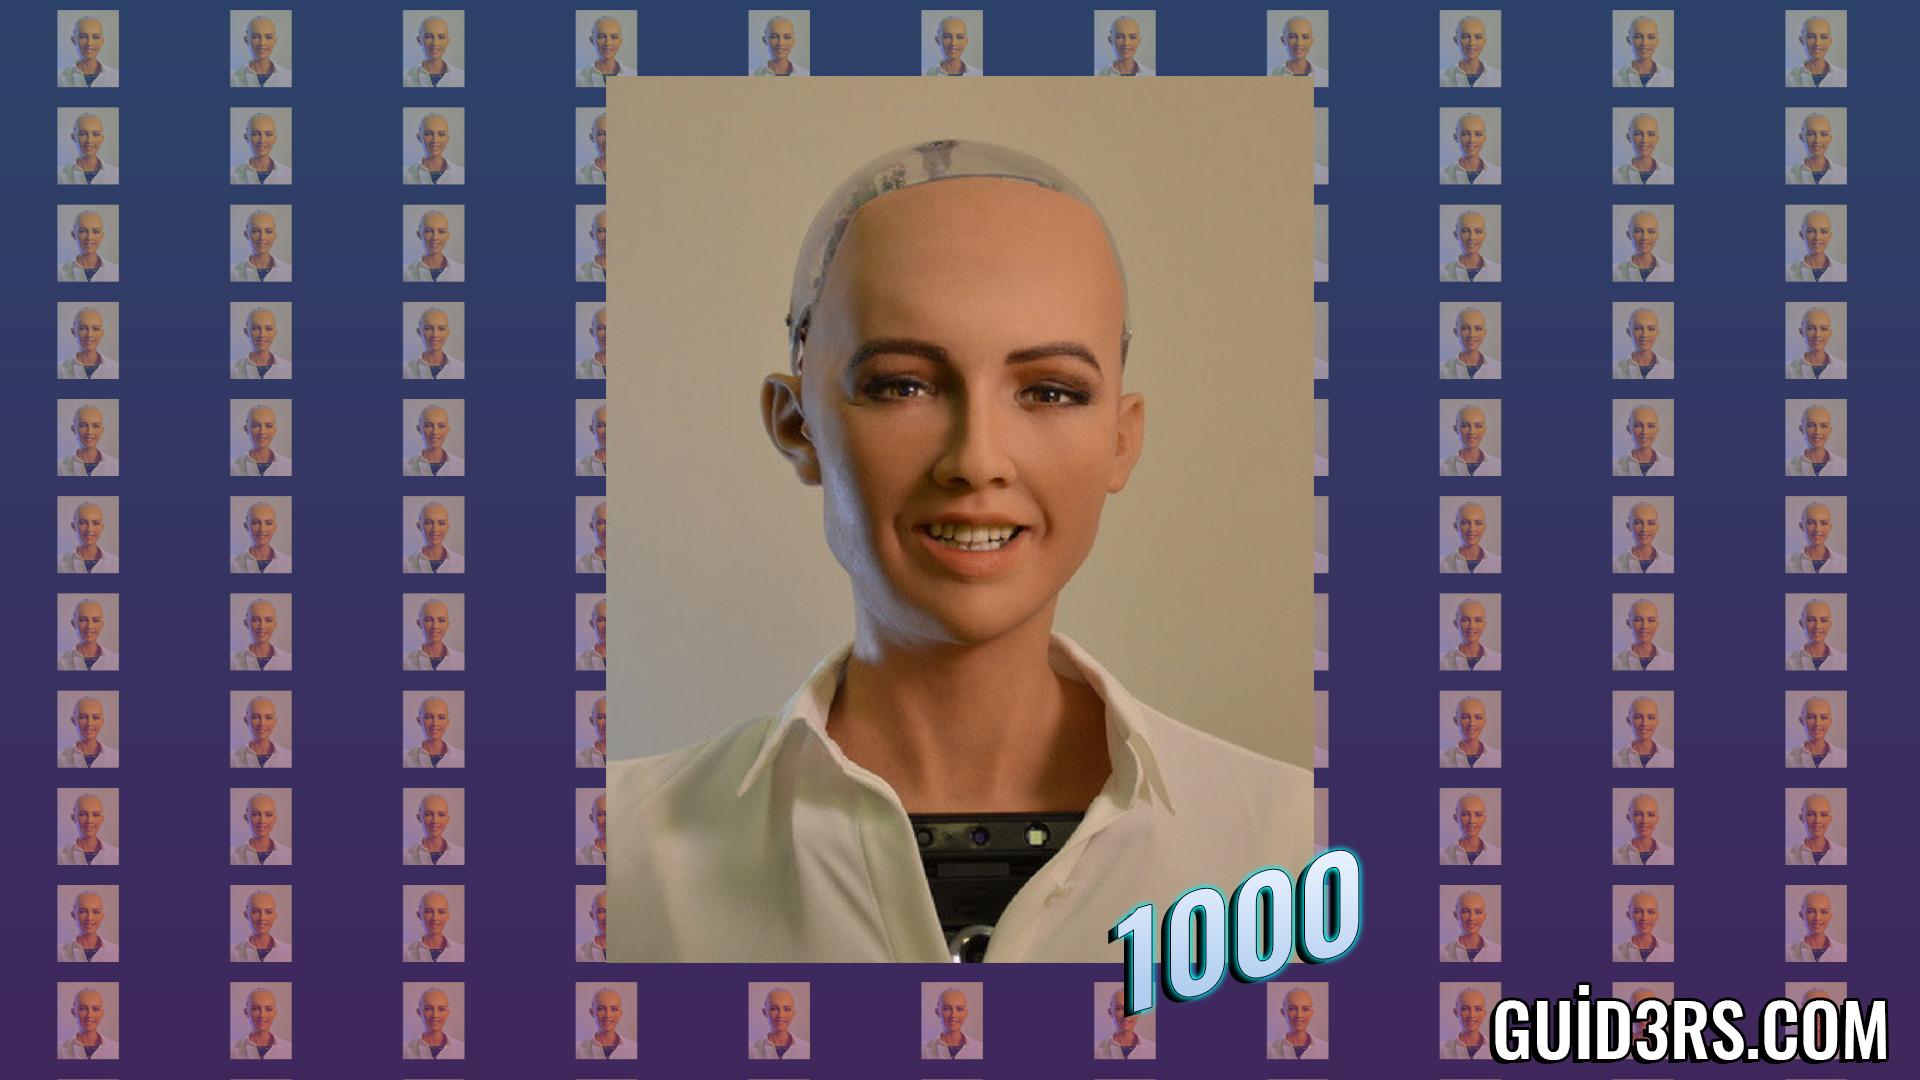 BİNLERCE SOPHİA GELİYOR! - Robot Sophia